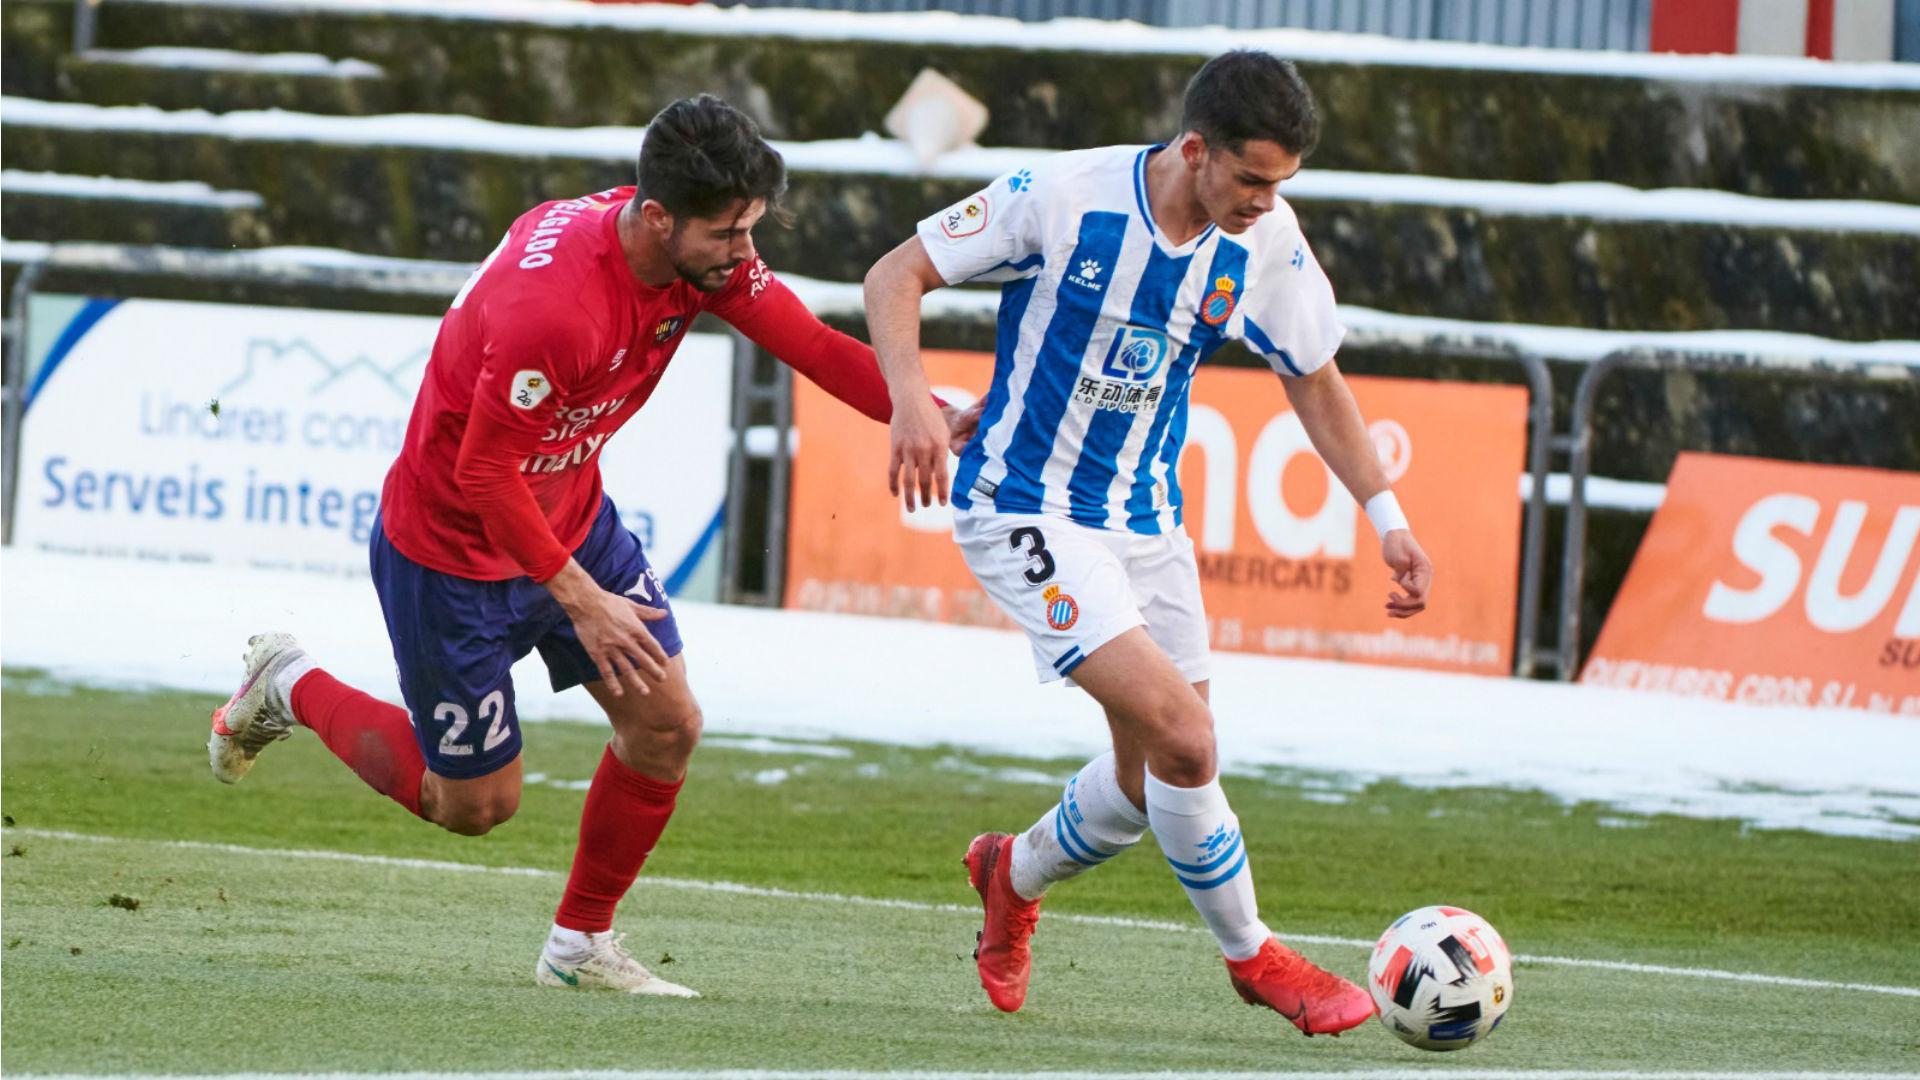 L'Espanyol B esgarrapa un punt al camp de l'Olot | betevé